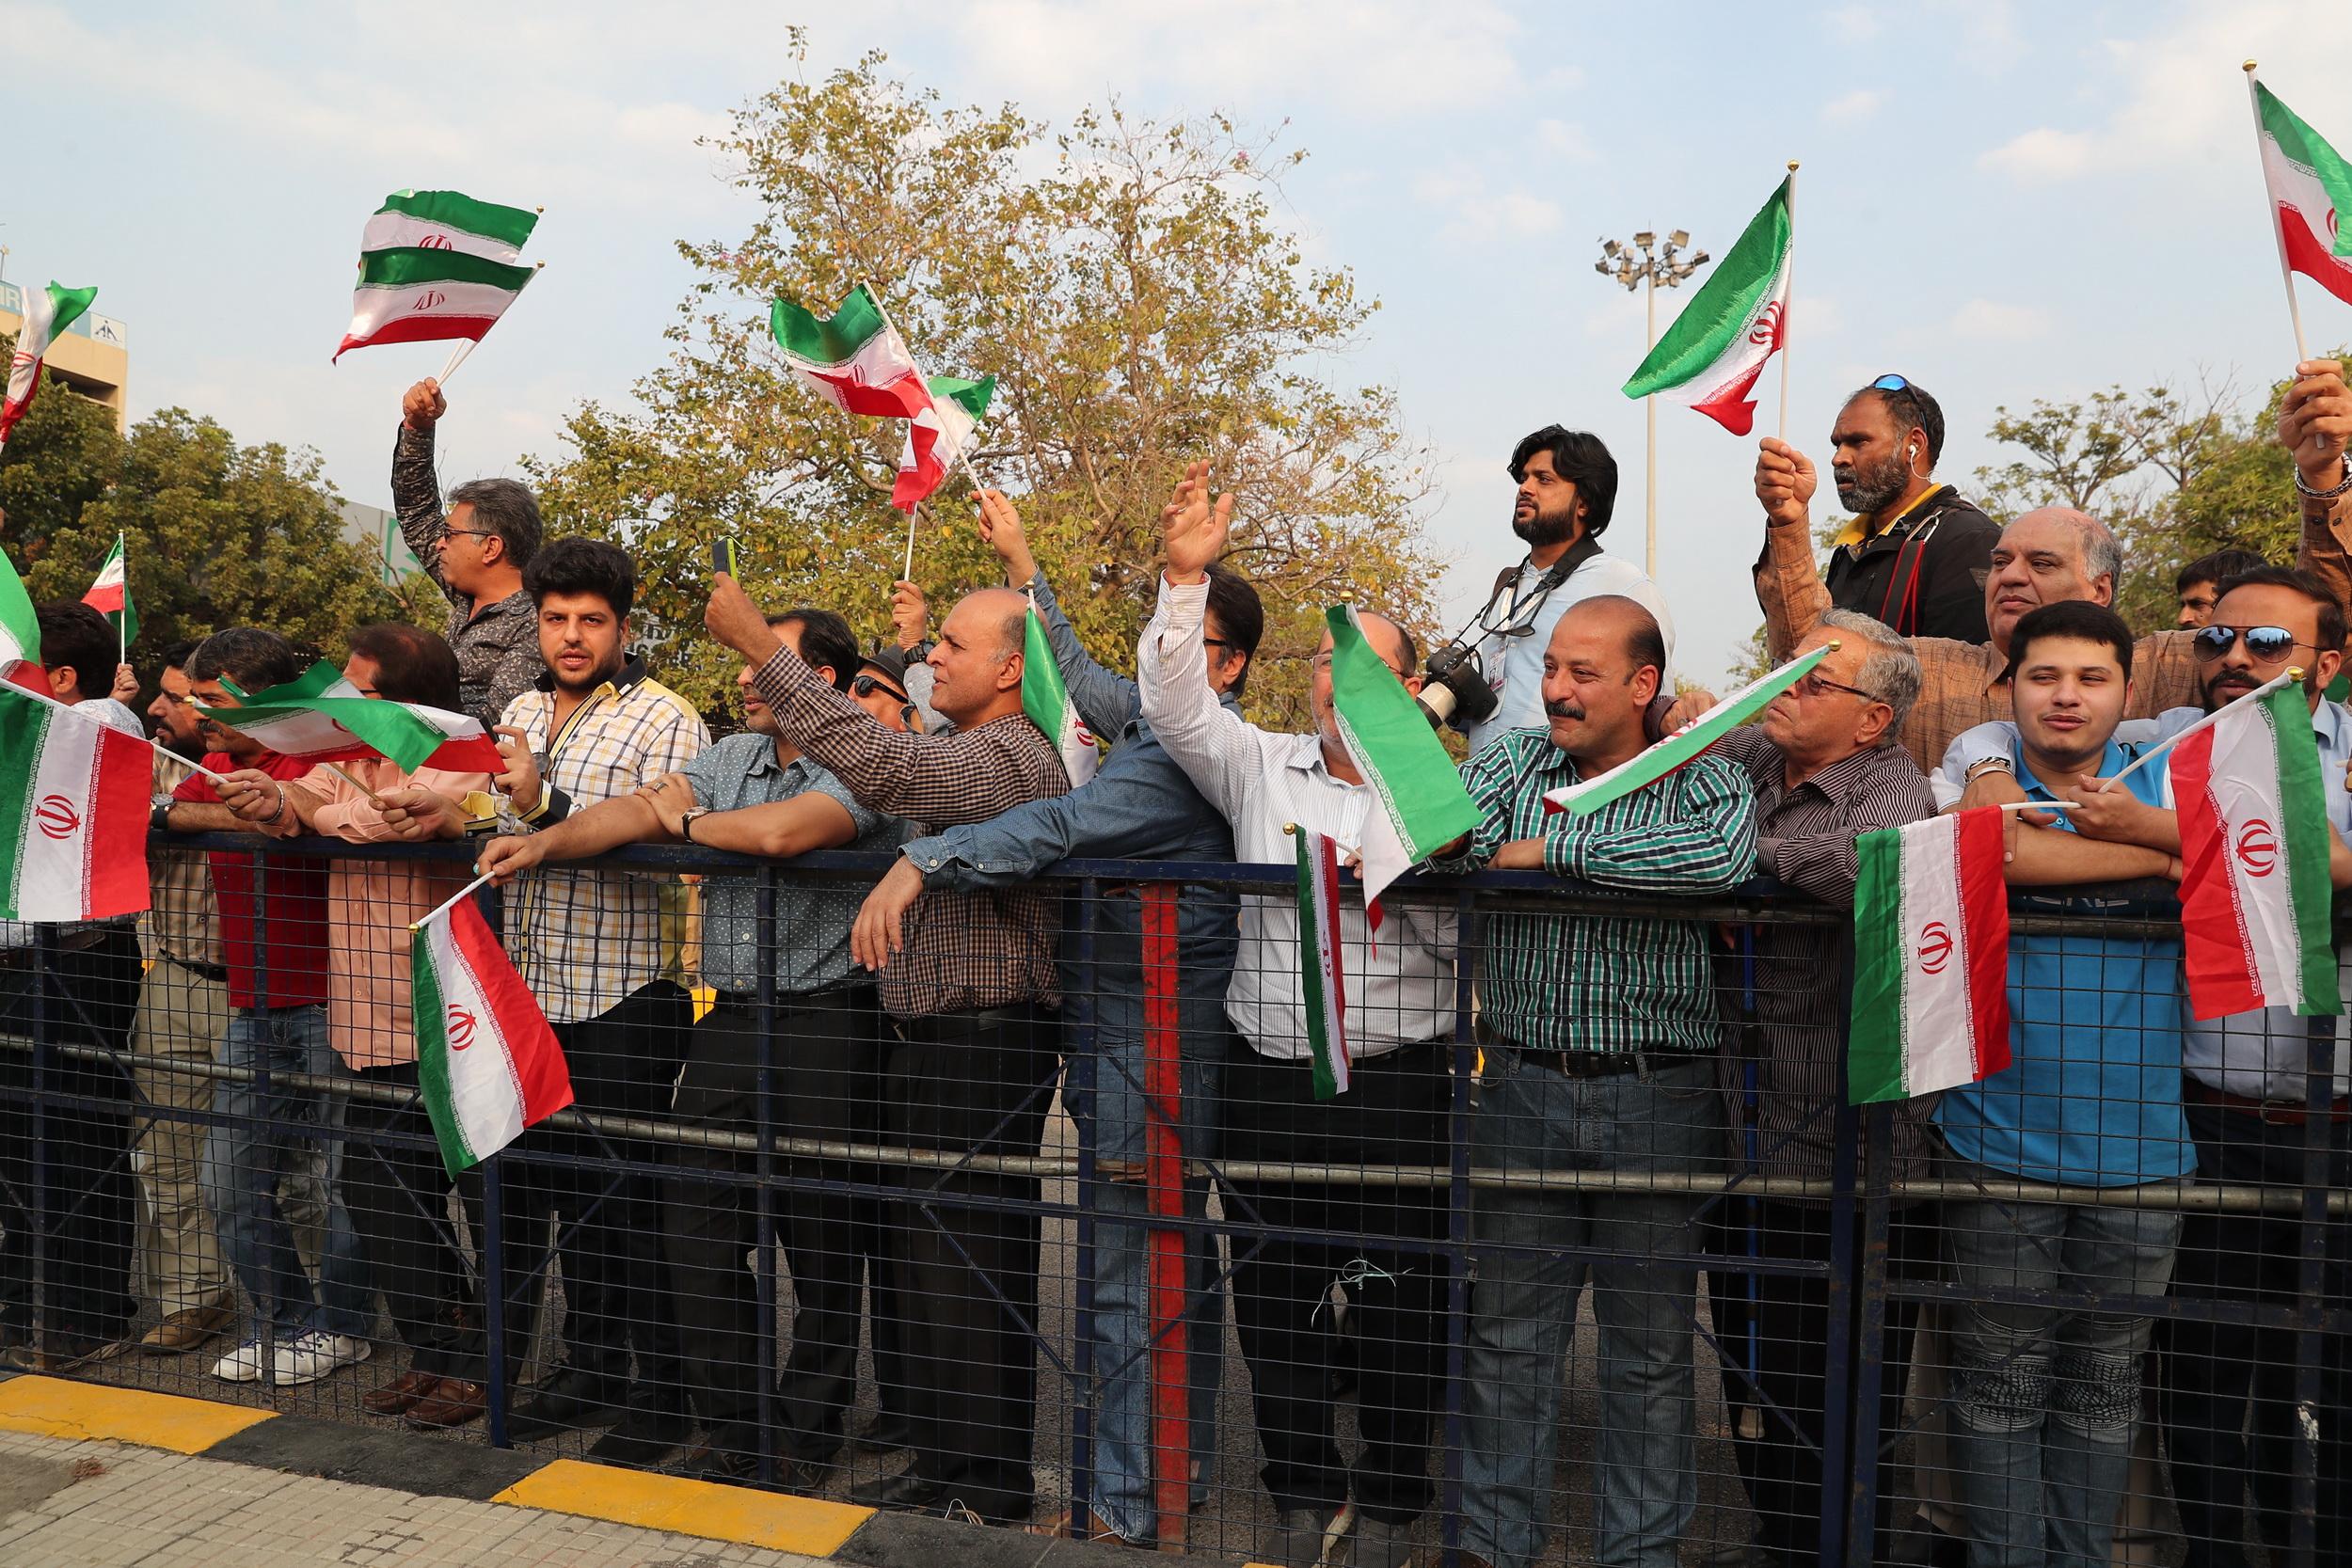 استقبال دوستداران ایران اسلامی از روحانی در فرودگاه حیدرآباد